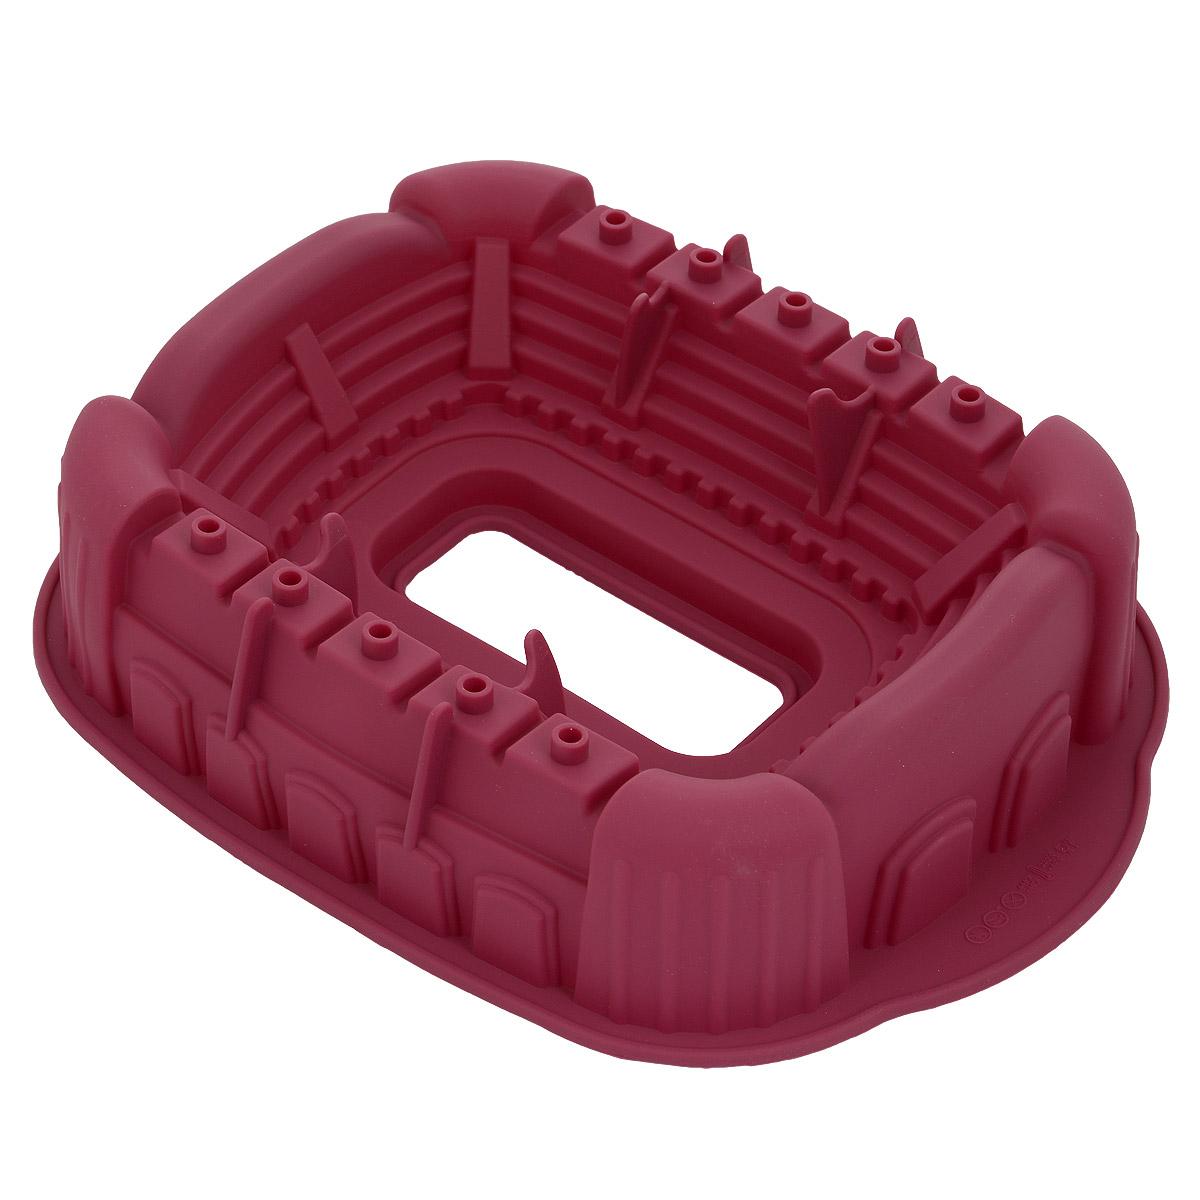 Форма для выпечки Bekker Стадион, силиконовая, цвет: бордовыйFS-80299Форма для выпечки Bekker Стадион изготовлена из силикона. Силиконовые формы для выпечки имеют много преимуществ по сравнению с традиционными металлическими формами и противнями. Они идеально подходят для использования в микроволновых, газовых и электрических печах при температурах до +250°С. В случае заморозки до -50°С. Можно мыть в посудомоечной машине. За счет высокой теплопроводности силикона изделия выпекаются заметно быстрее. Благодаря гибкости и антиприлипающим свойствам силикона, готовое изделие легко извлекается из формы. Для этого достаточно отогнуть края и вывернуть форму (выпечке дайте немного остыть, а замороженный продукт лучше вынимать сразу). Силикон абсолютно безвреден для здоровья, не впитывает запахи, не оставляет пятен, легко моется. Форма для выпечки Bekker Стадион - практичный и необходимый подарок любой хозяйке!